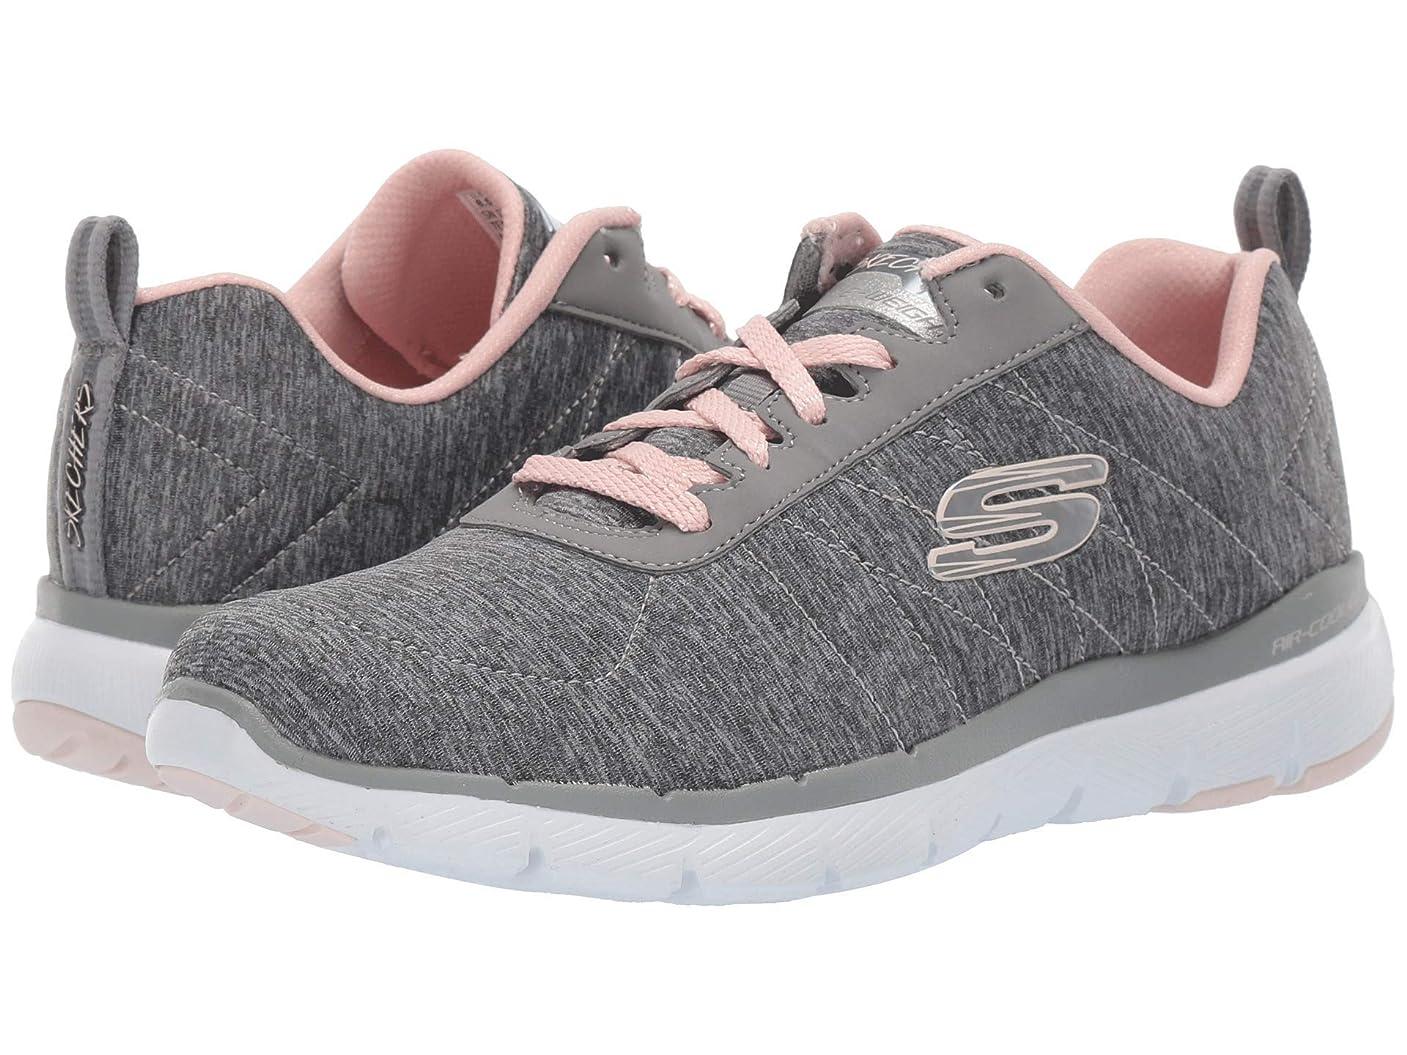 人類条約盆地レディーススニーカー?ウォーキングシューズ?靴 Flex Appeal 3.0 - Insiders Grey/Light Pink 7.5 (24.5cm) B [並行輸入品]